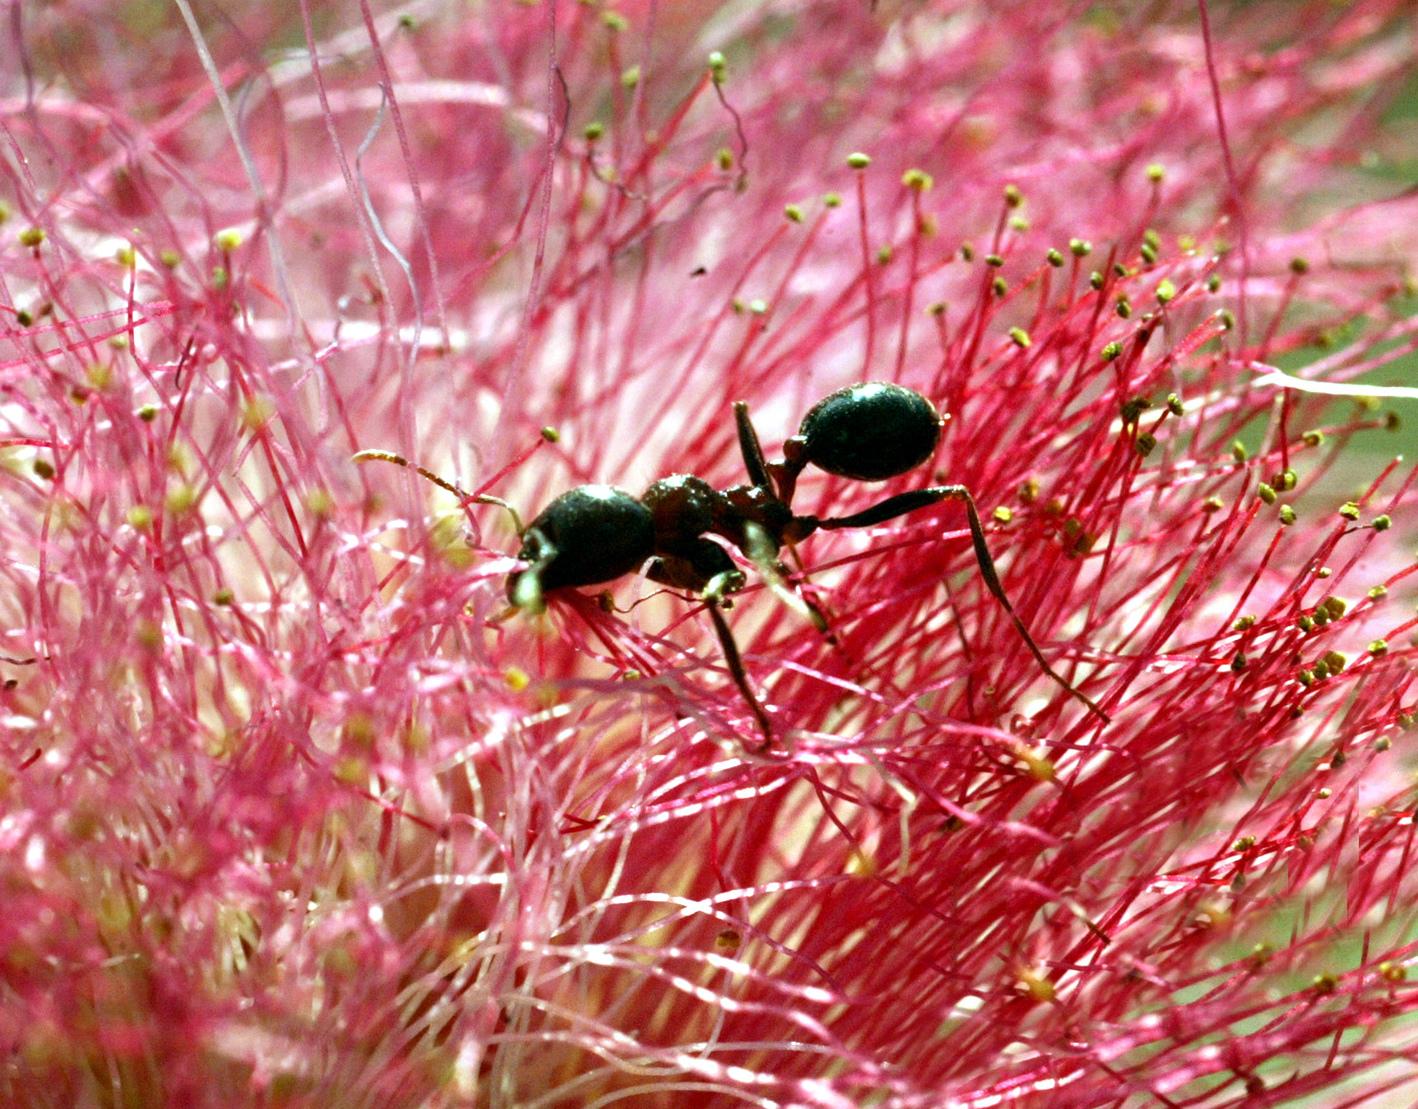 A Formicidae család képviselője növényen. (Fotó: Reuters)